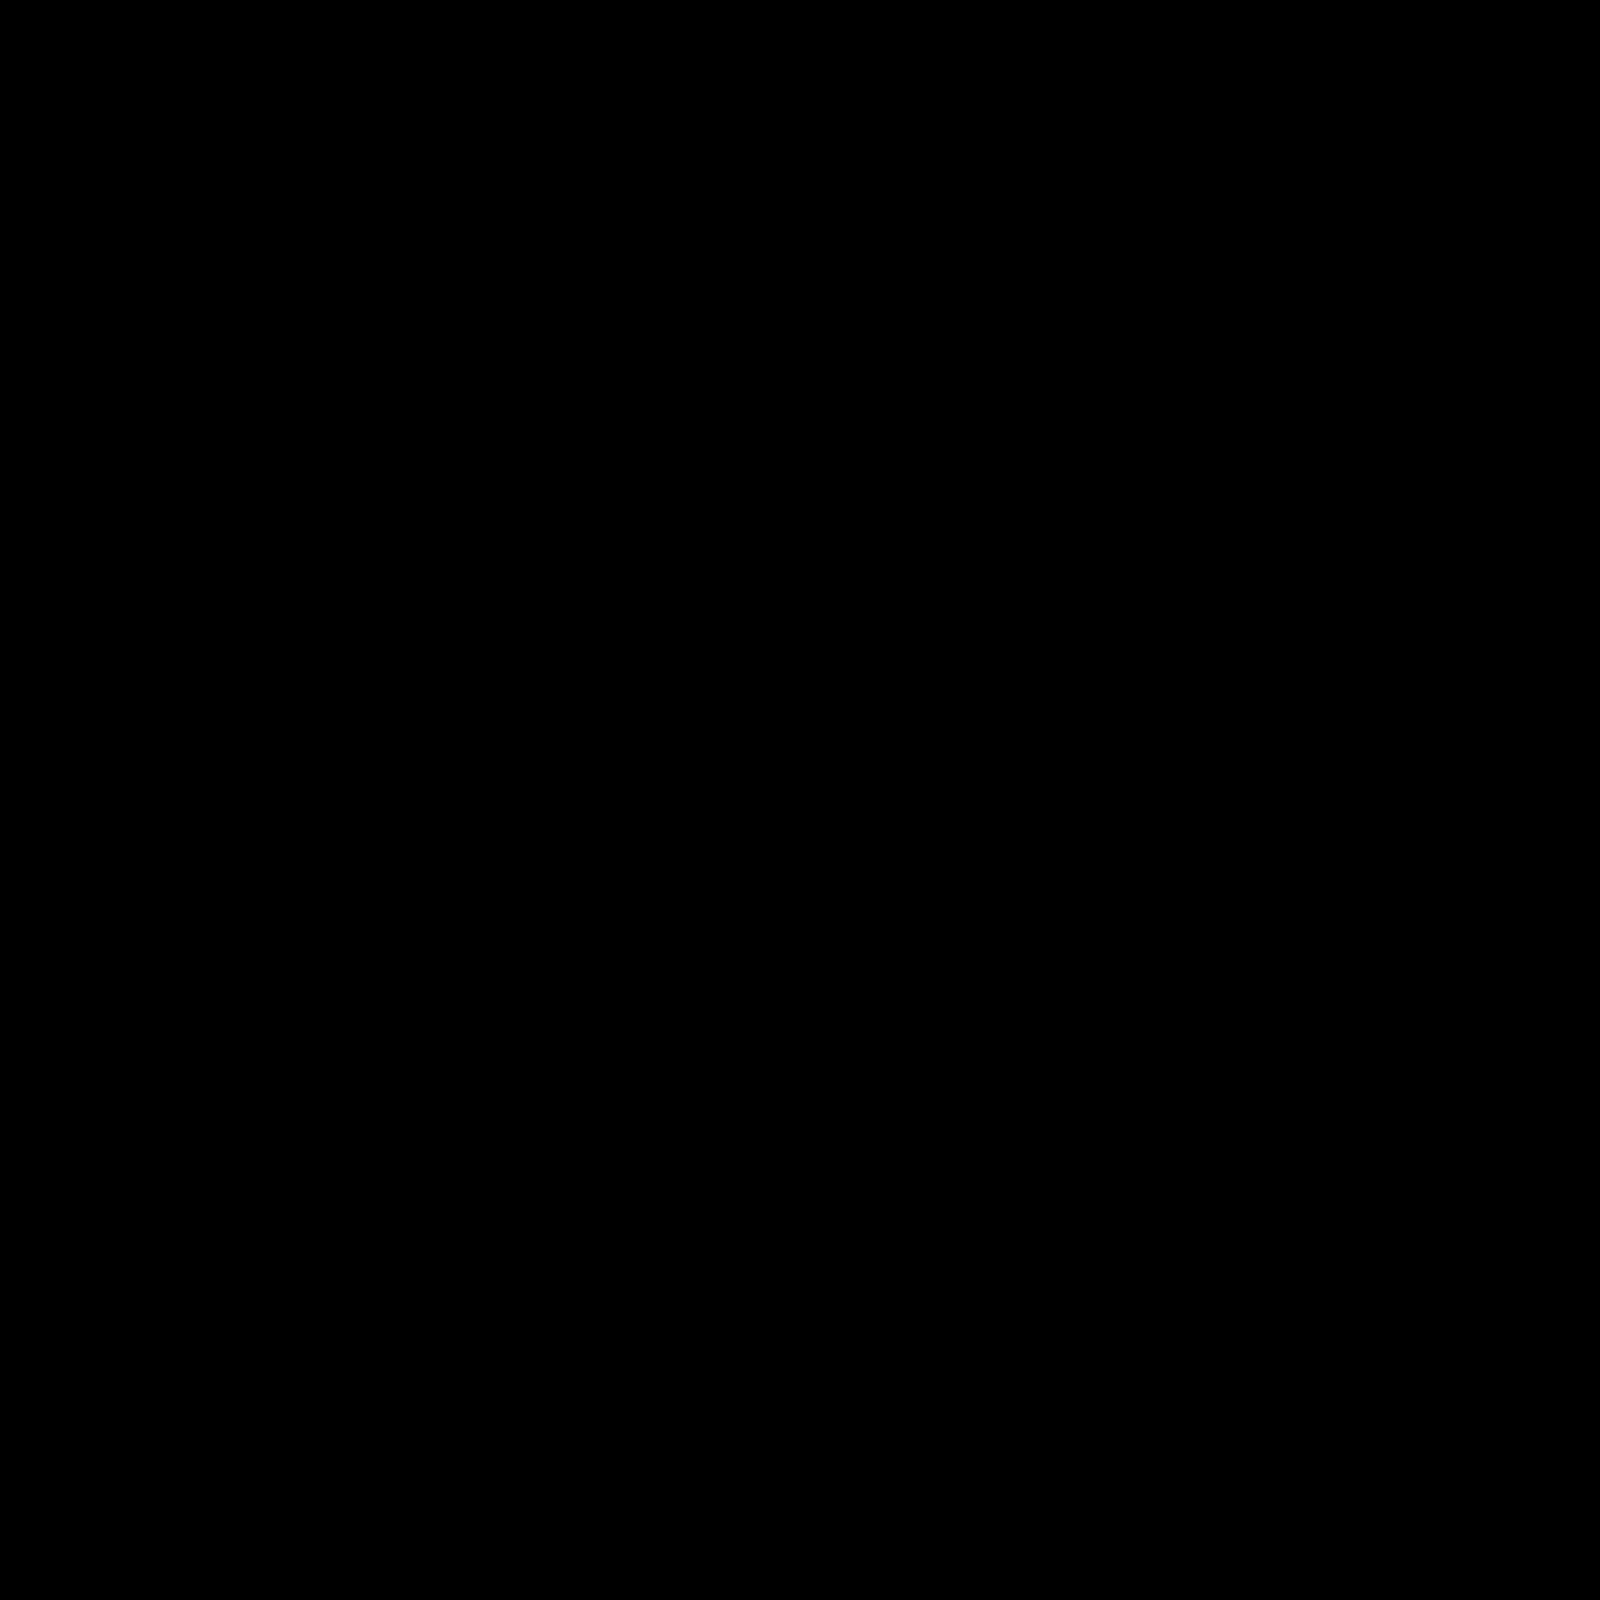 png icon the. Grain clipart fiber